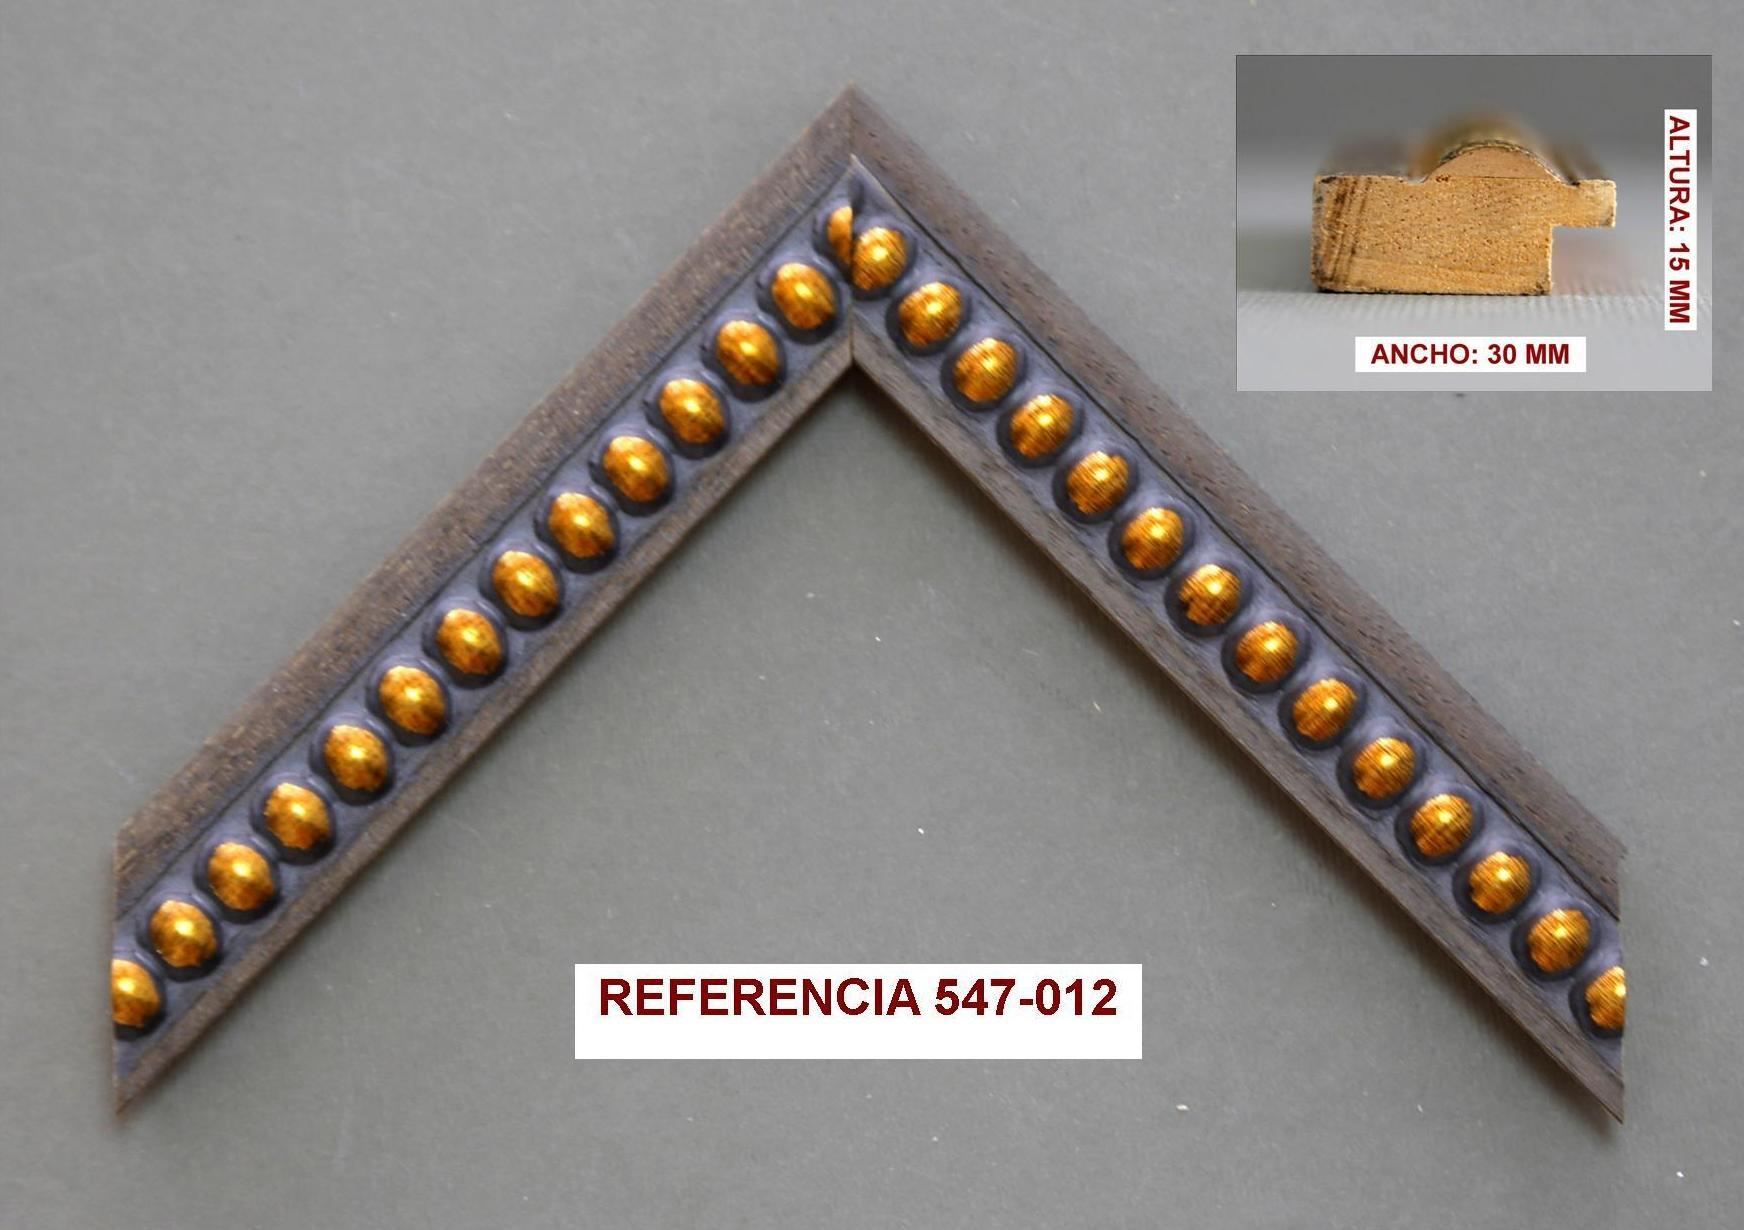 REF 547-012: Muestrario de Moldusevilla